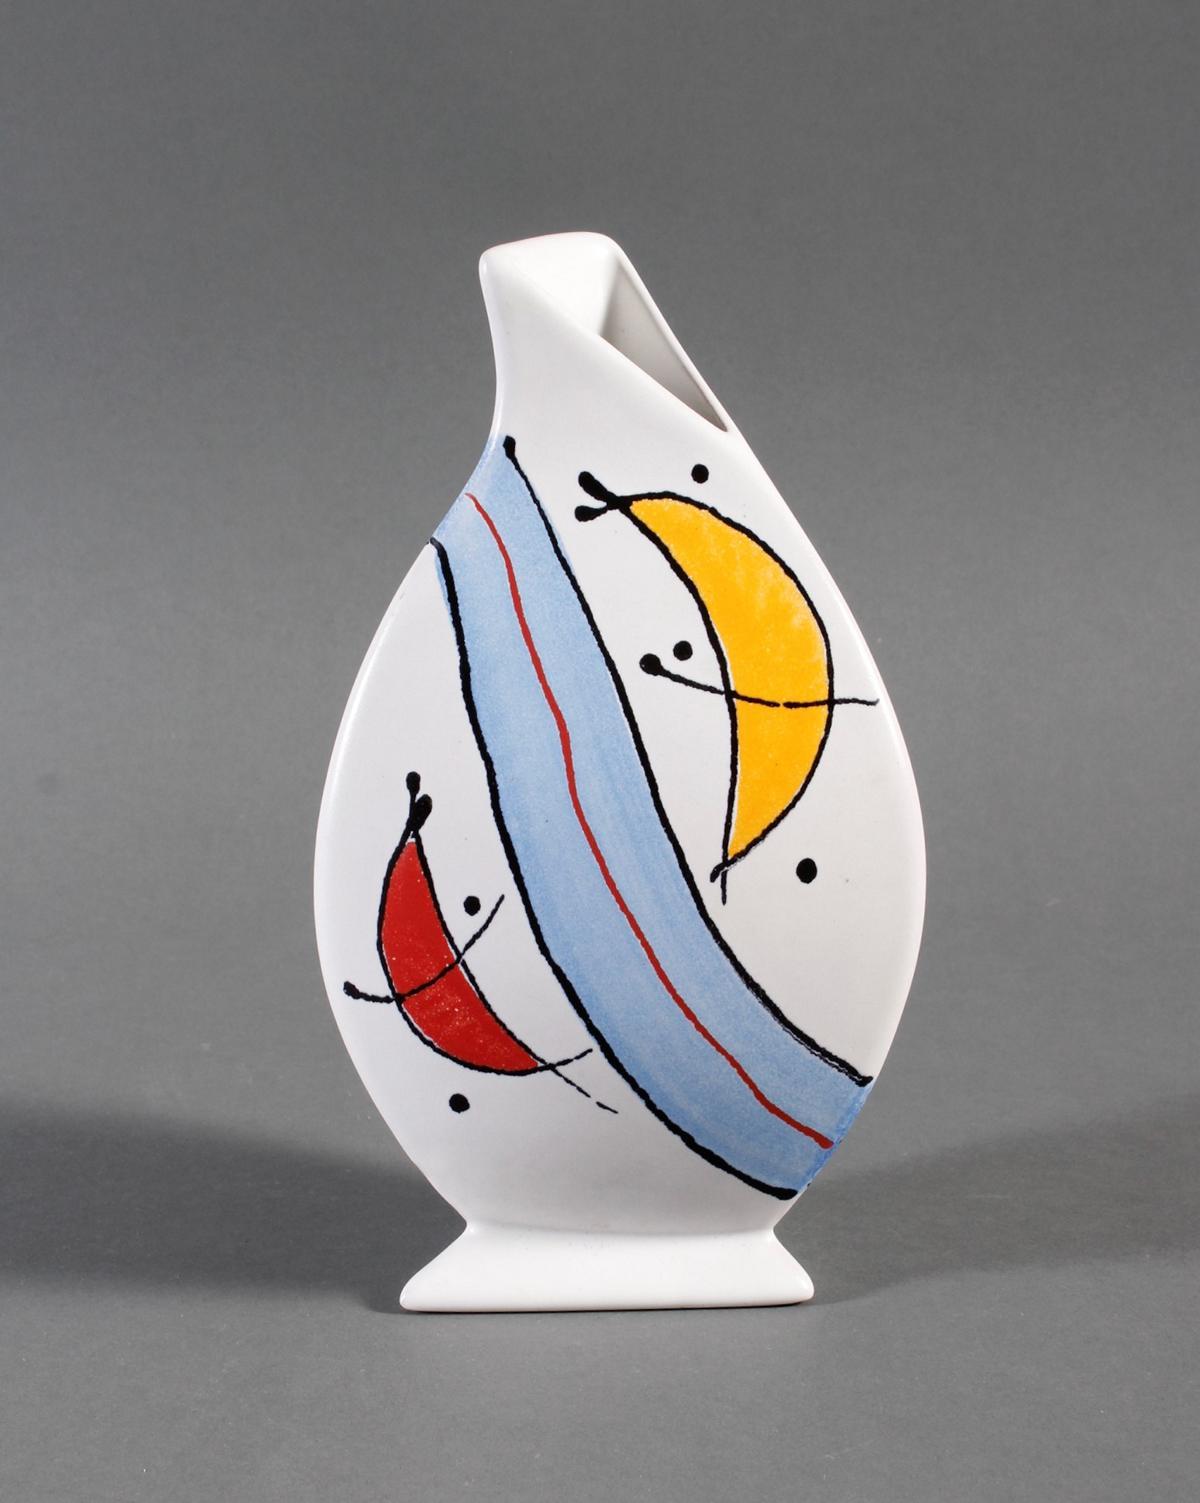 Keramik-Künstlervase, kmk, 90er Jahre-2